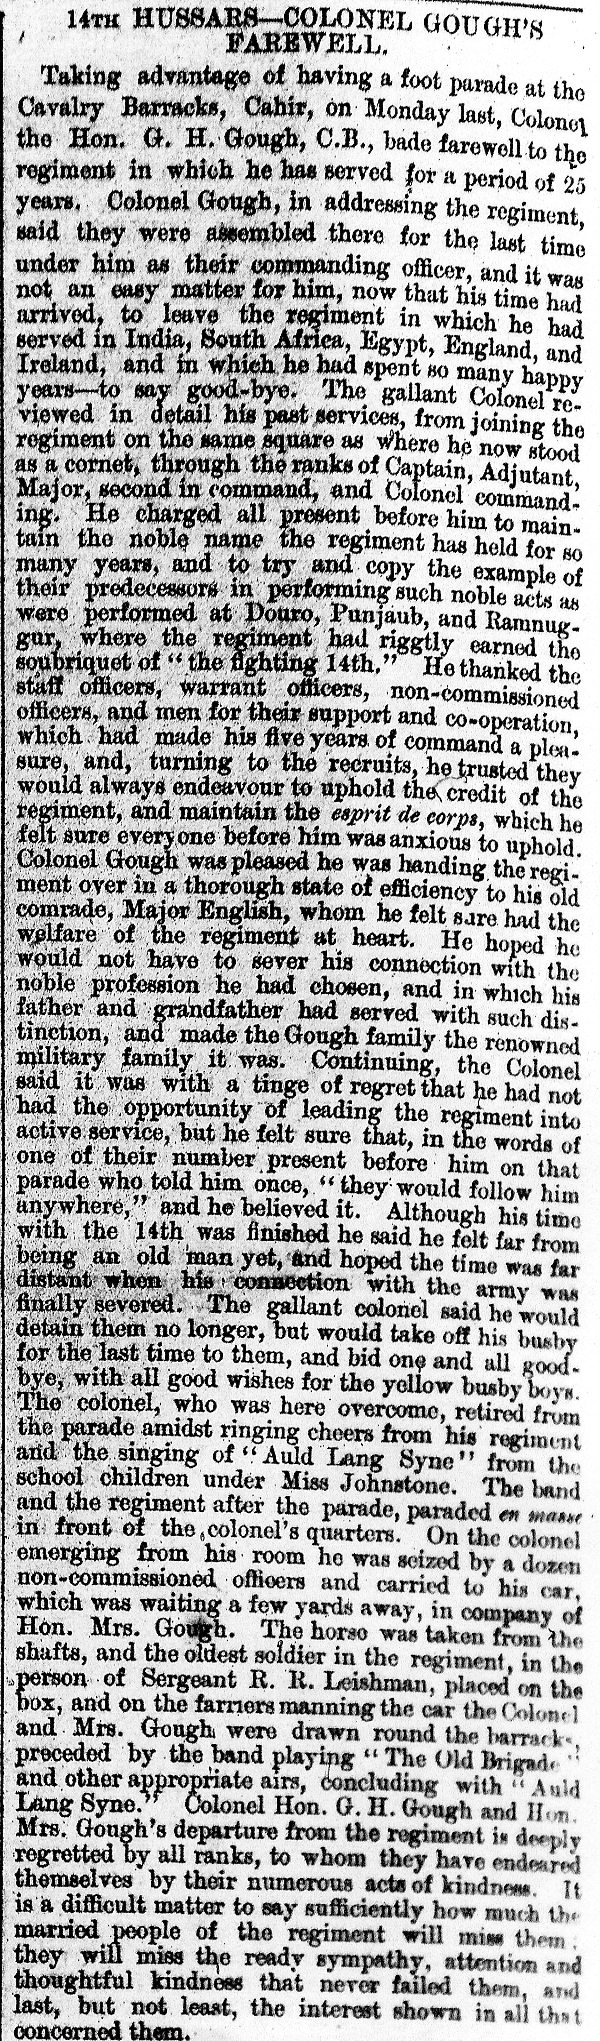 Clonmel Chronicle 27-6-1896 Gough